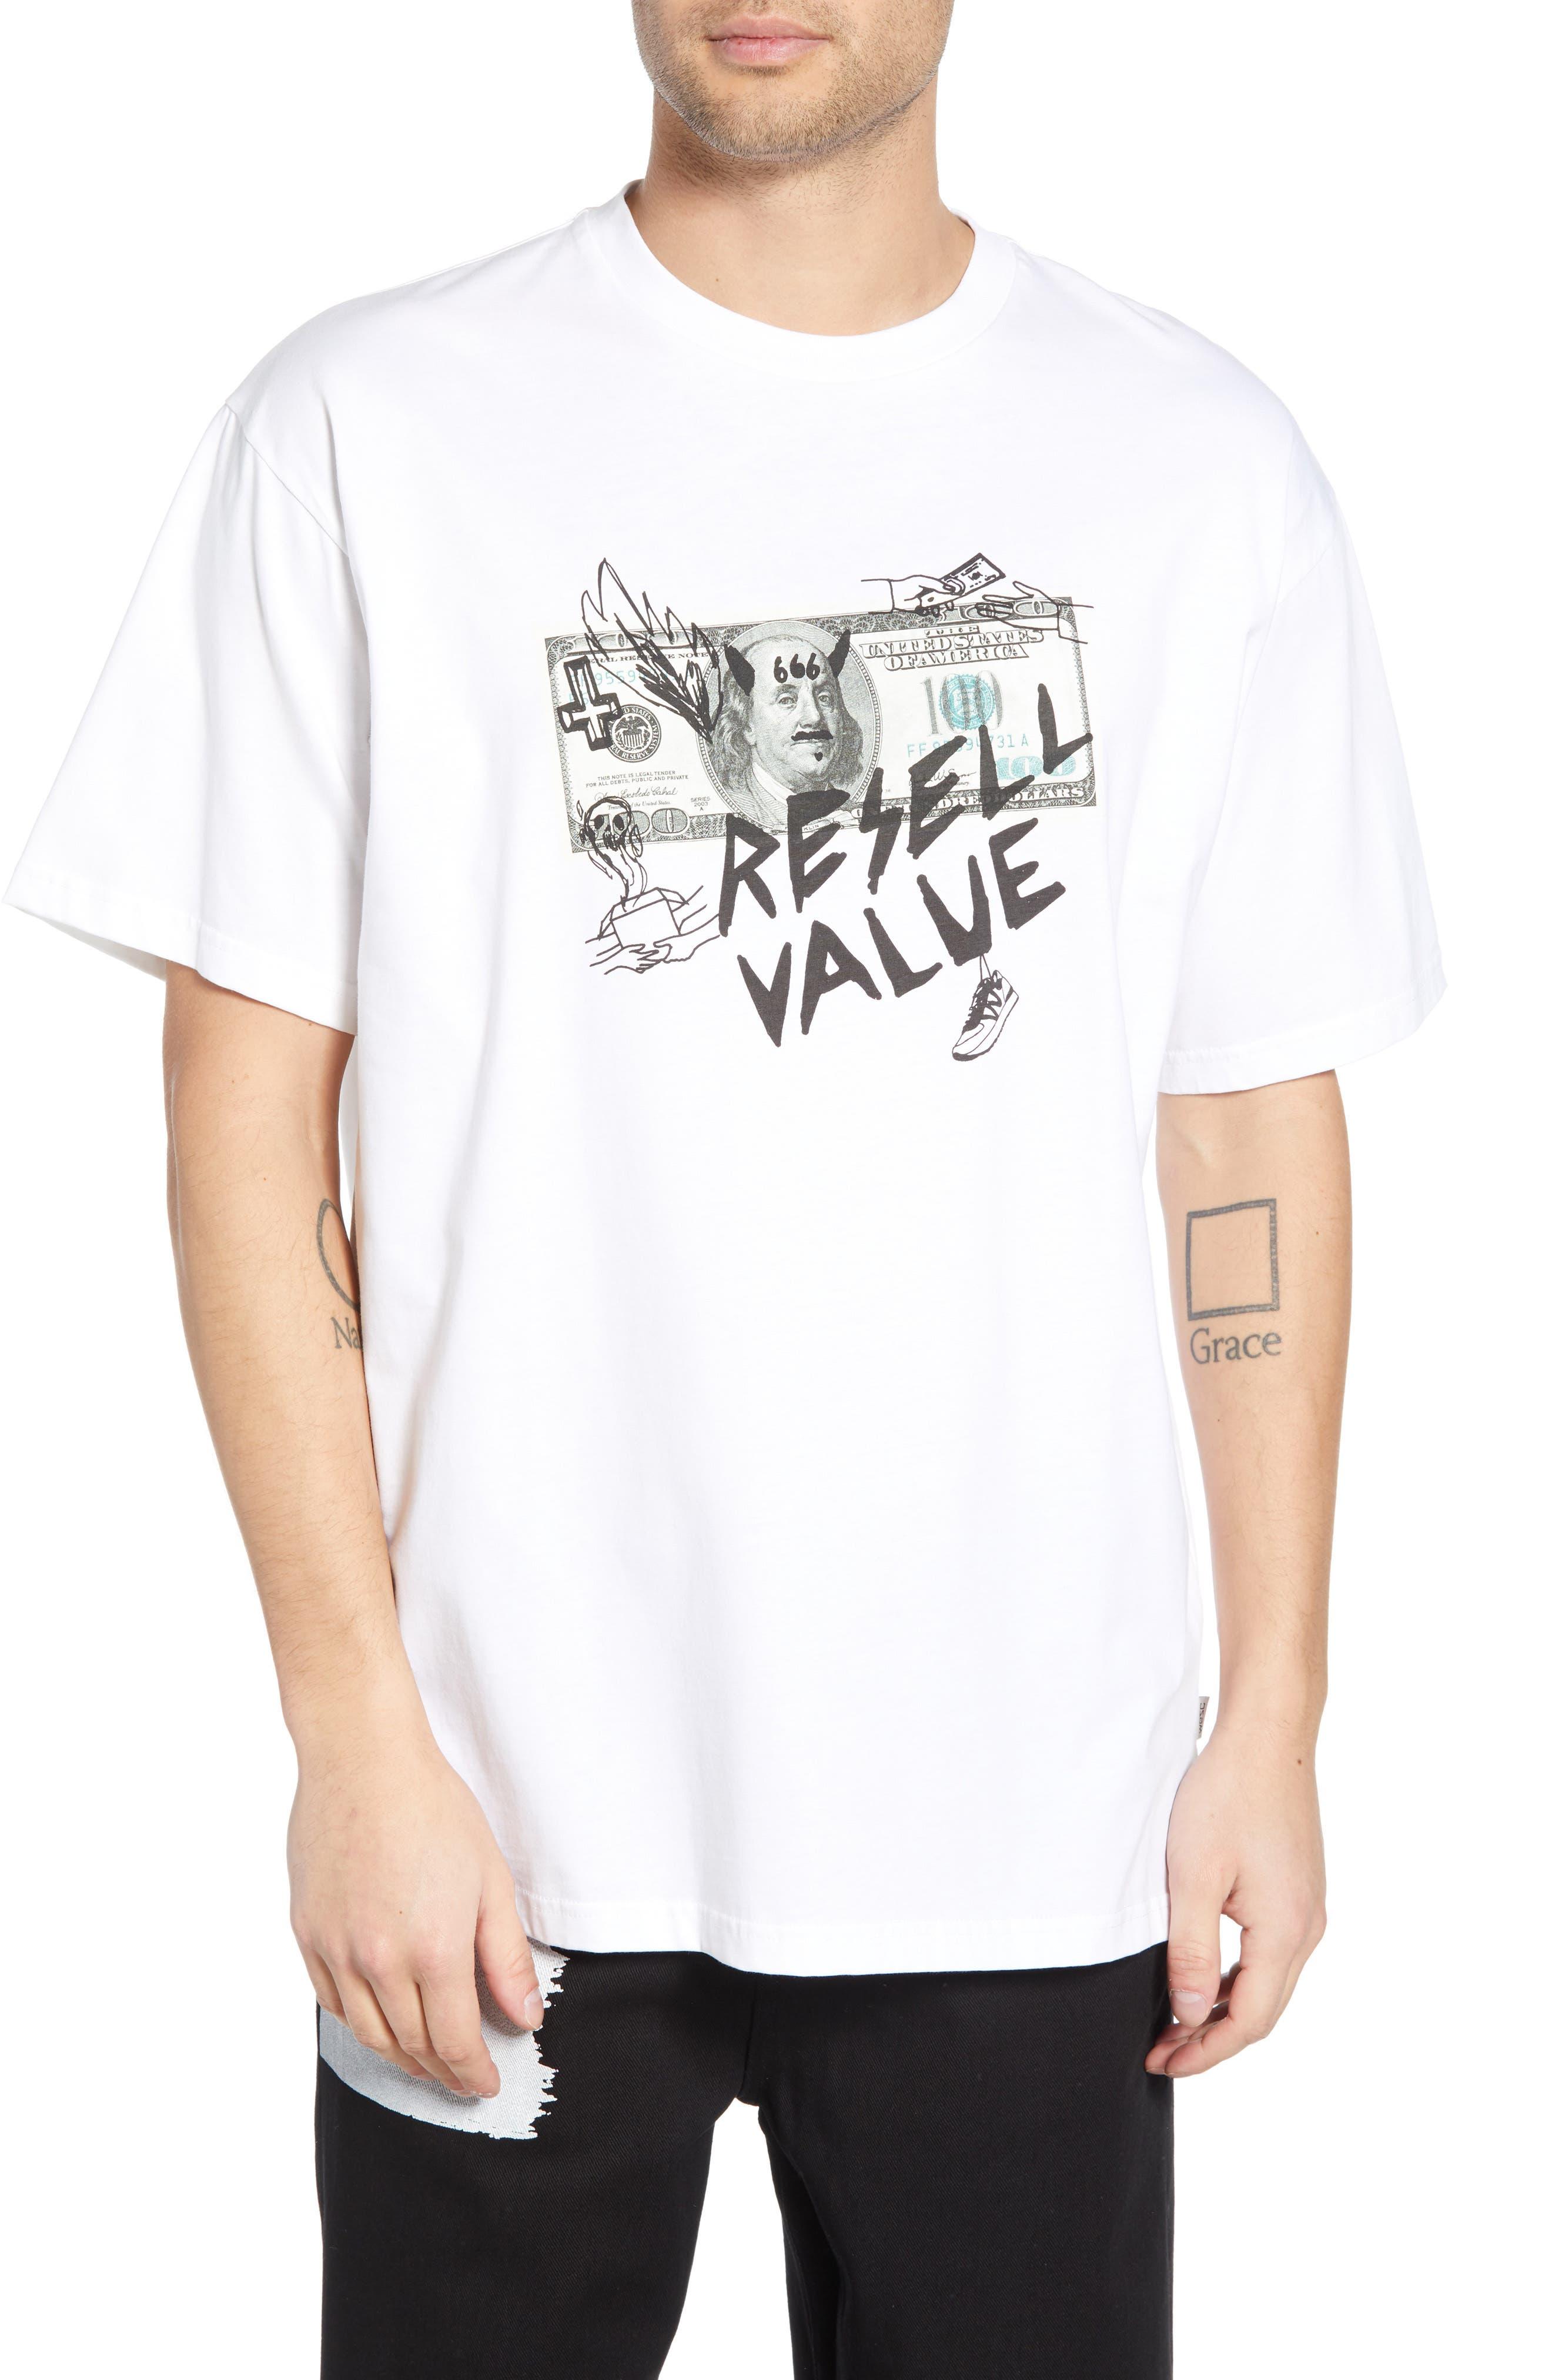 T Men's Wesc Topsamp; TeesNordstrom Graphic ShirtsTank thrCBxsQd